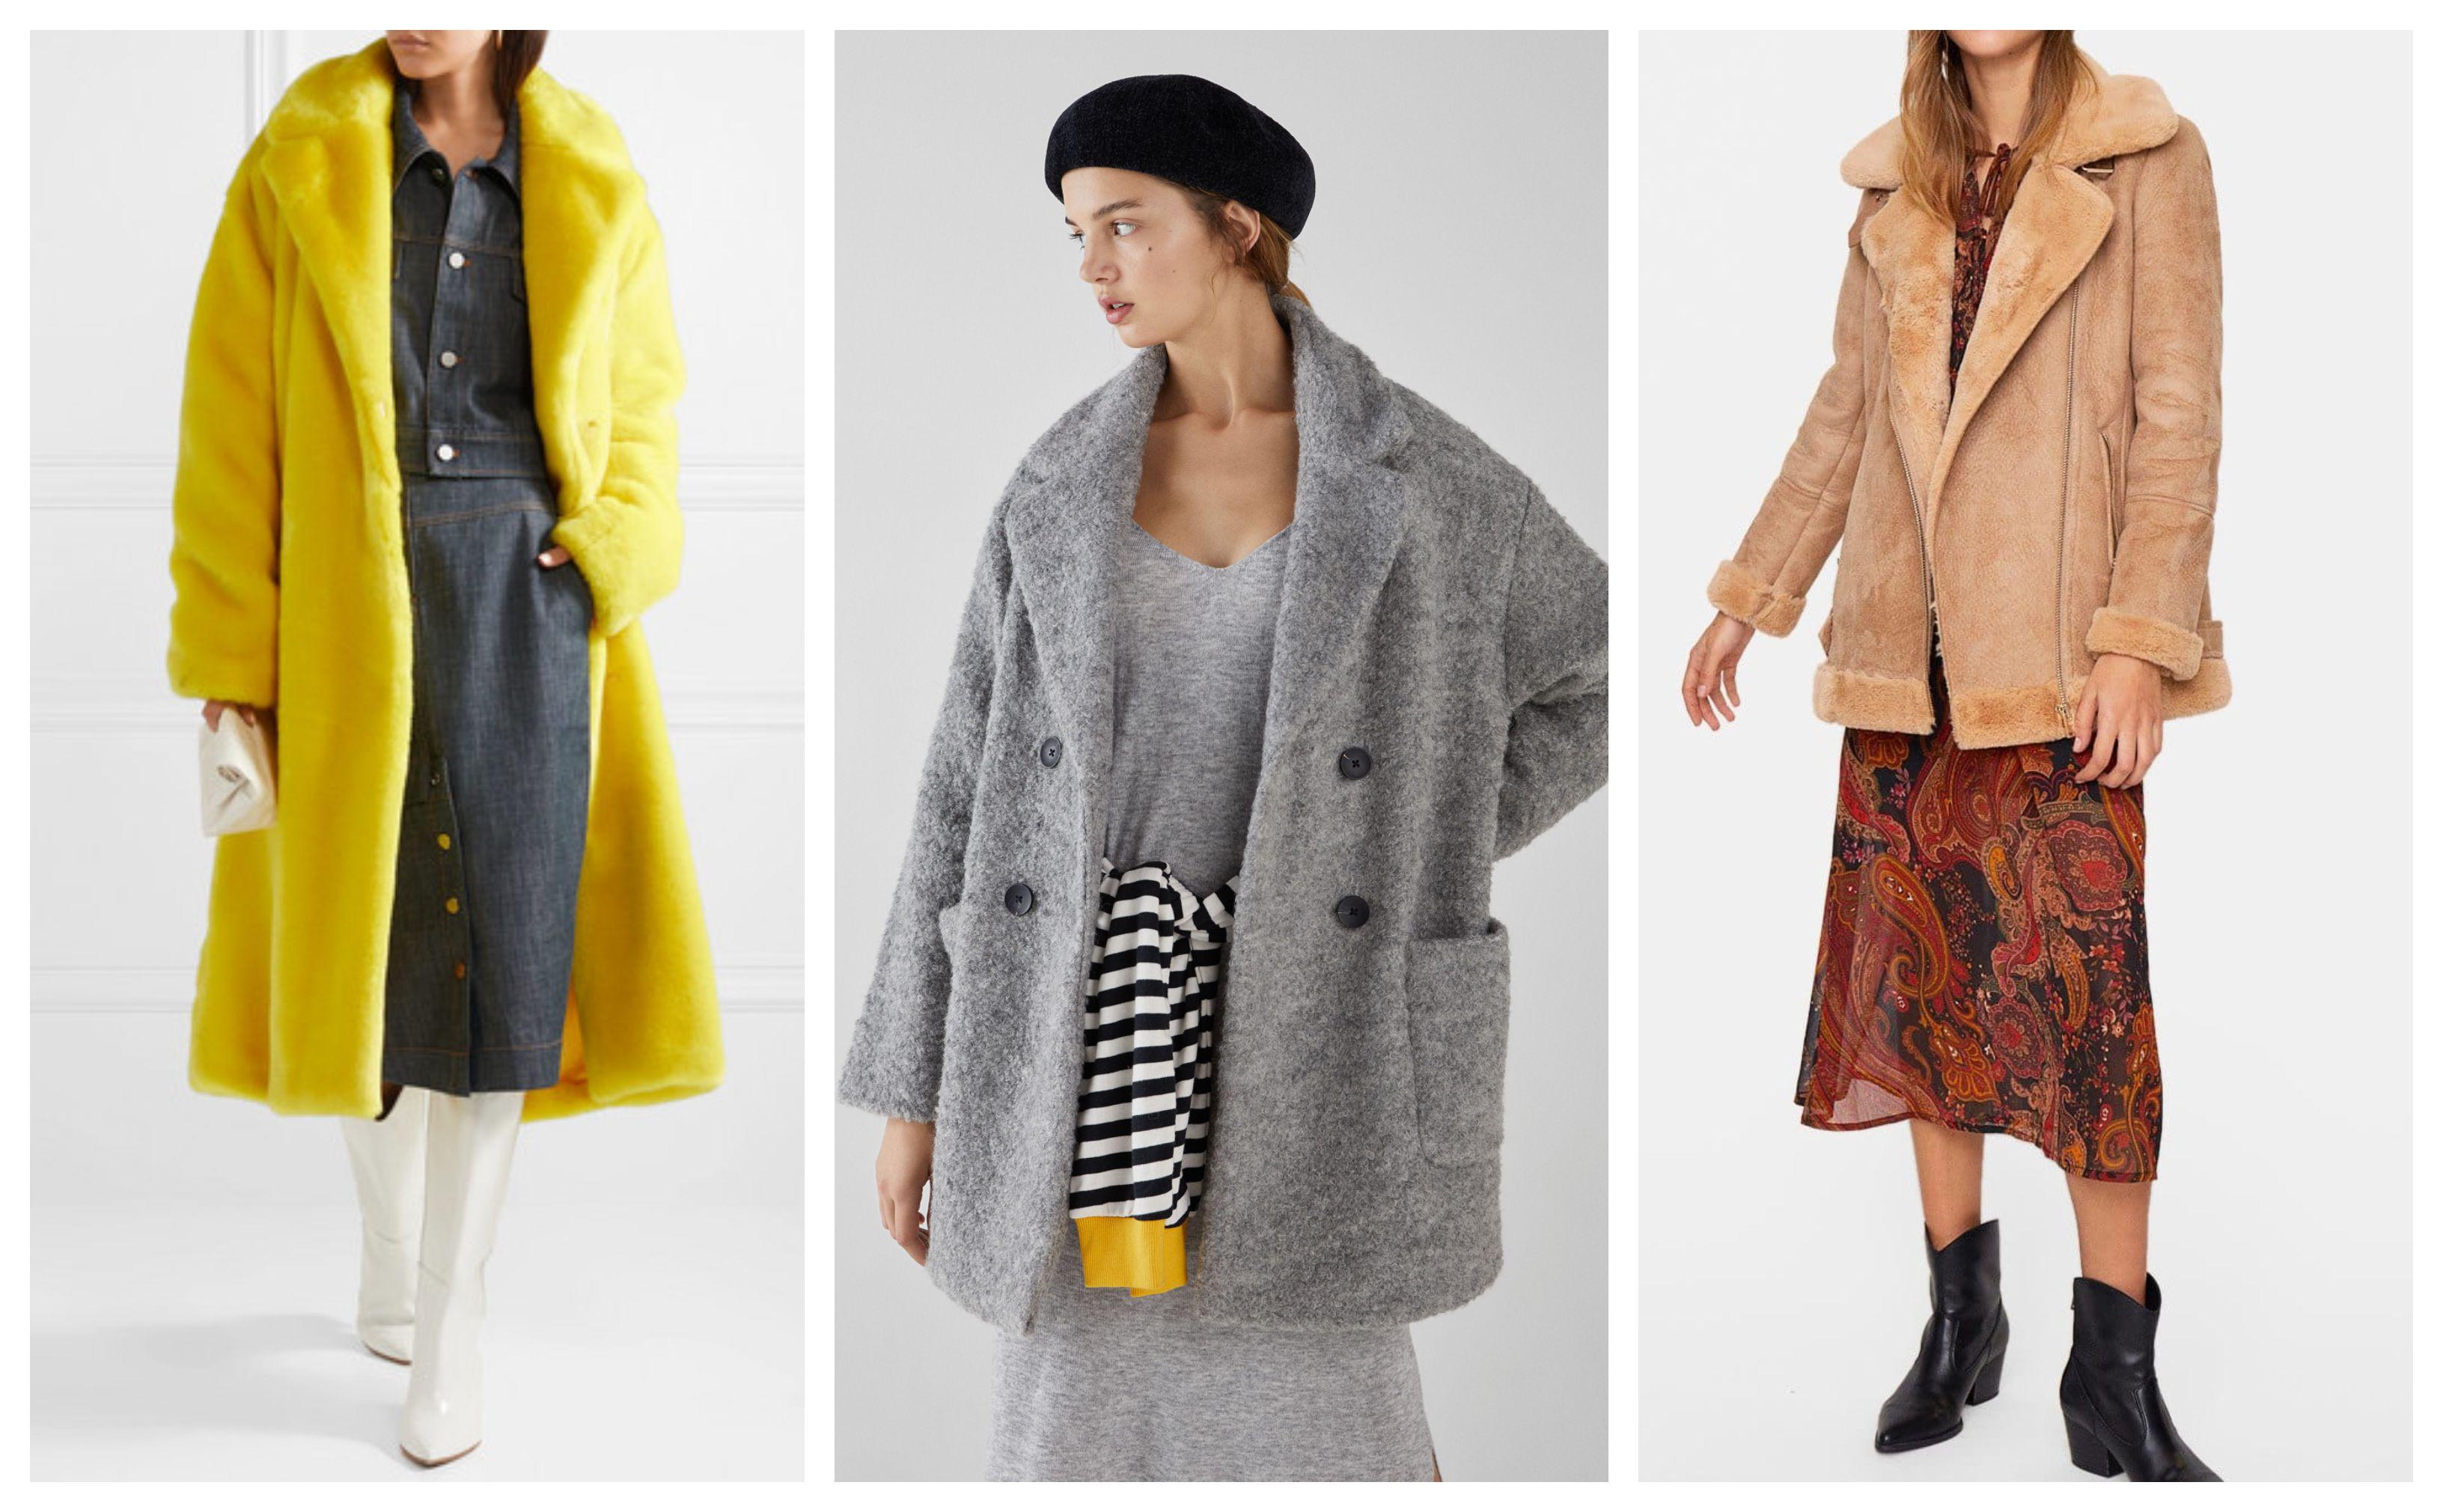 Stiže zahlađenje: Nadamo se da je ovo posljednji pozdrav bundama i jaknama!